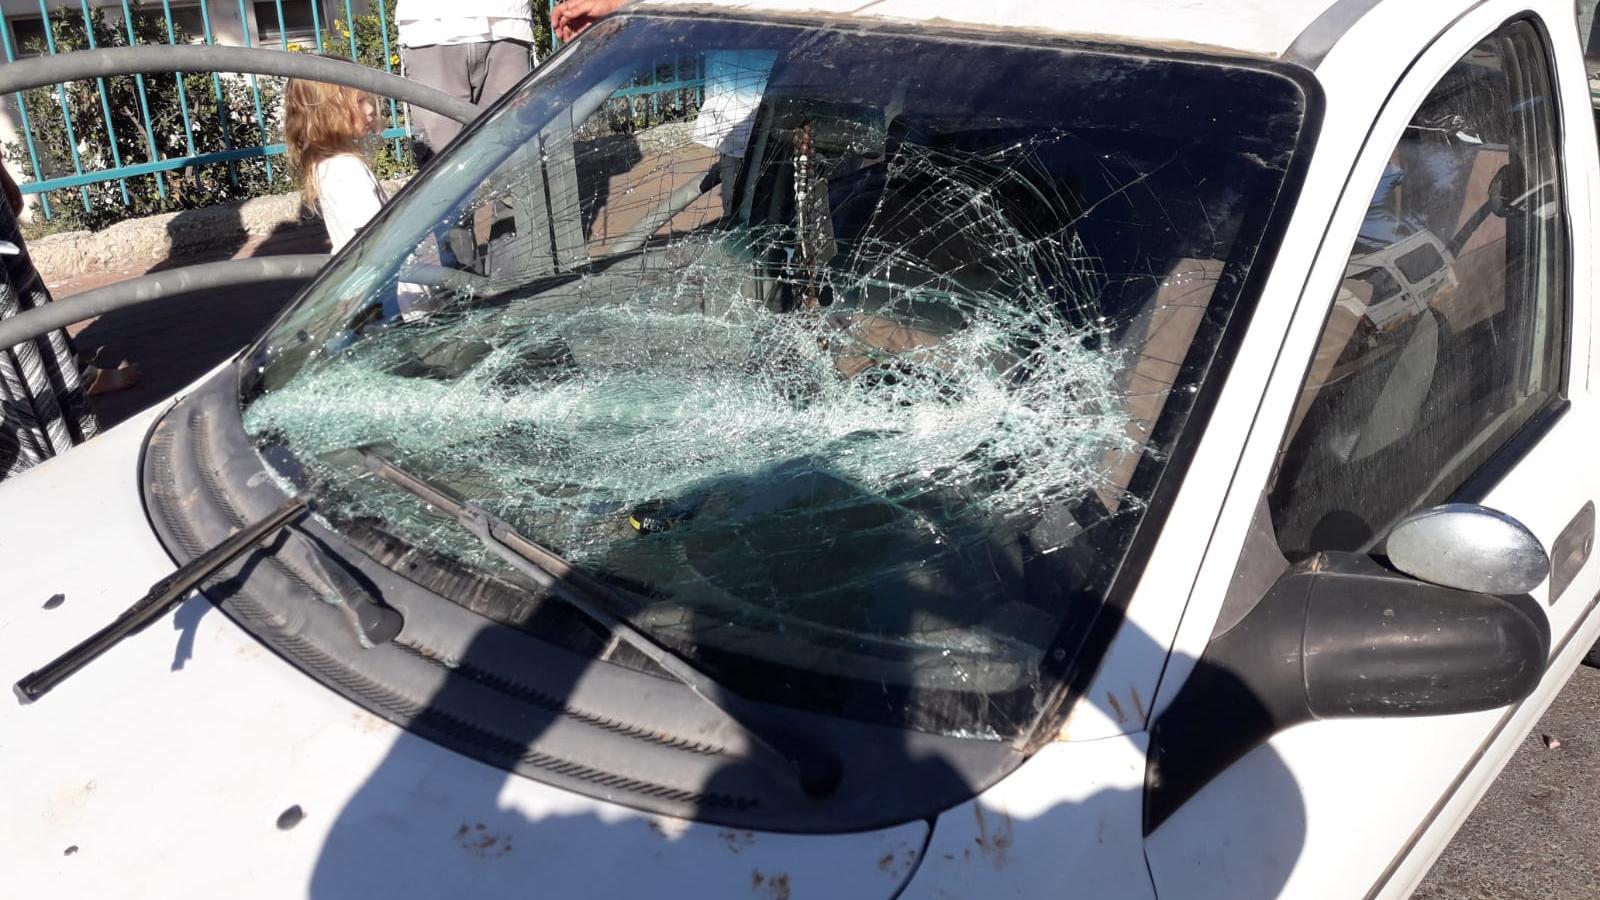 """ערבים תקפו ופצעו יהודים בכפר יפיע. המשטרה: """"תקיפה שהחלה בויכוח בין משתמשי הדרך"""""""